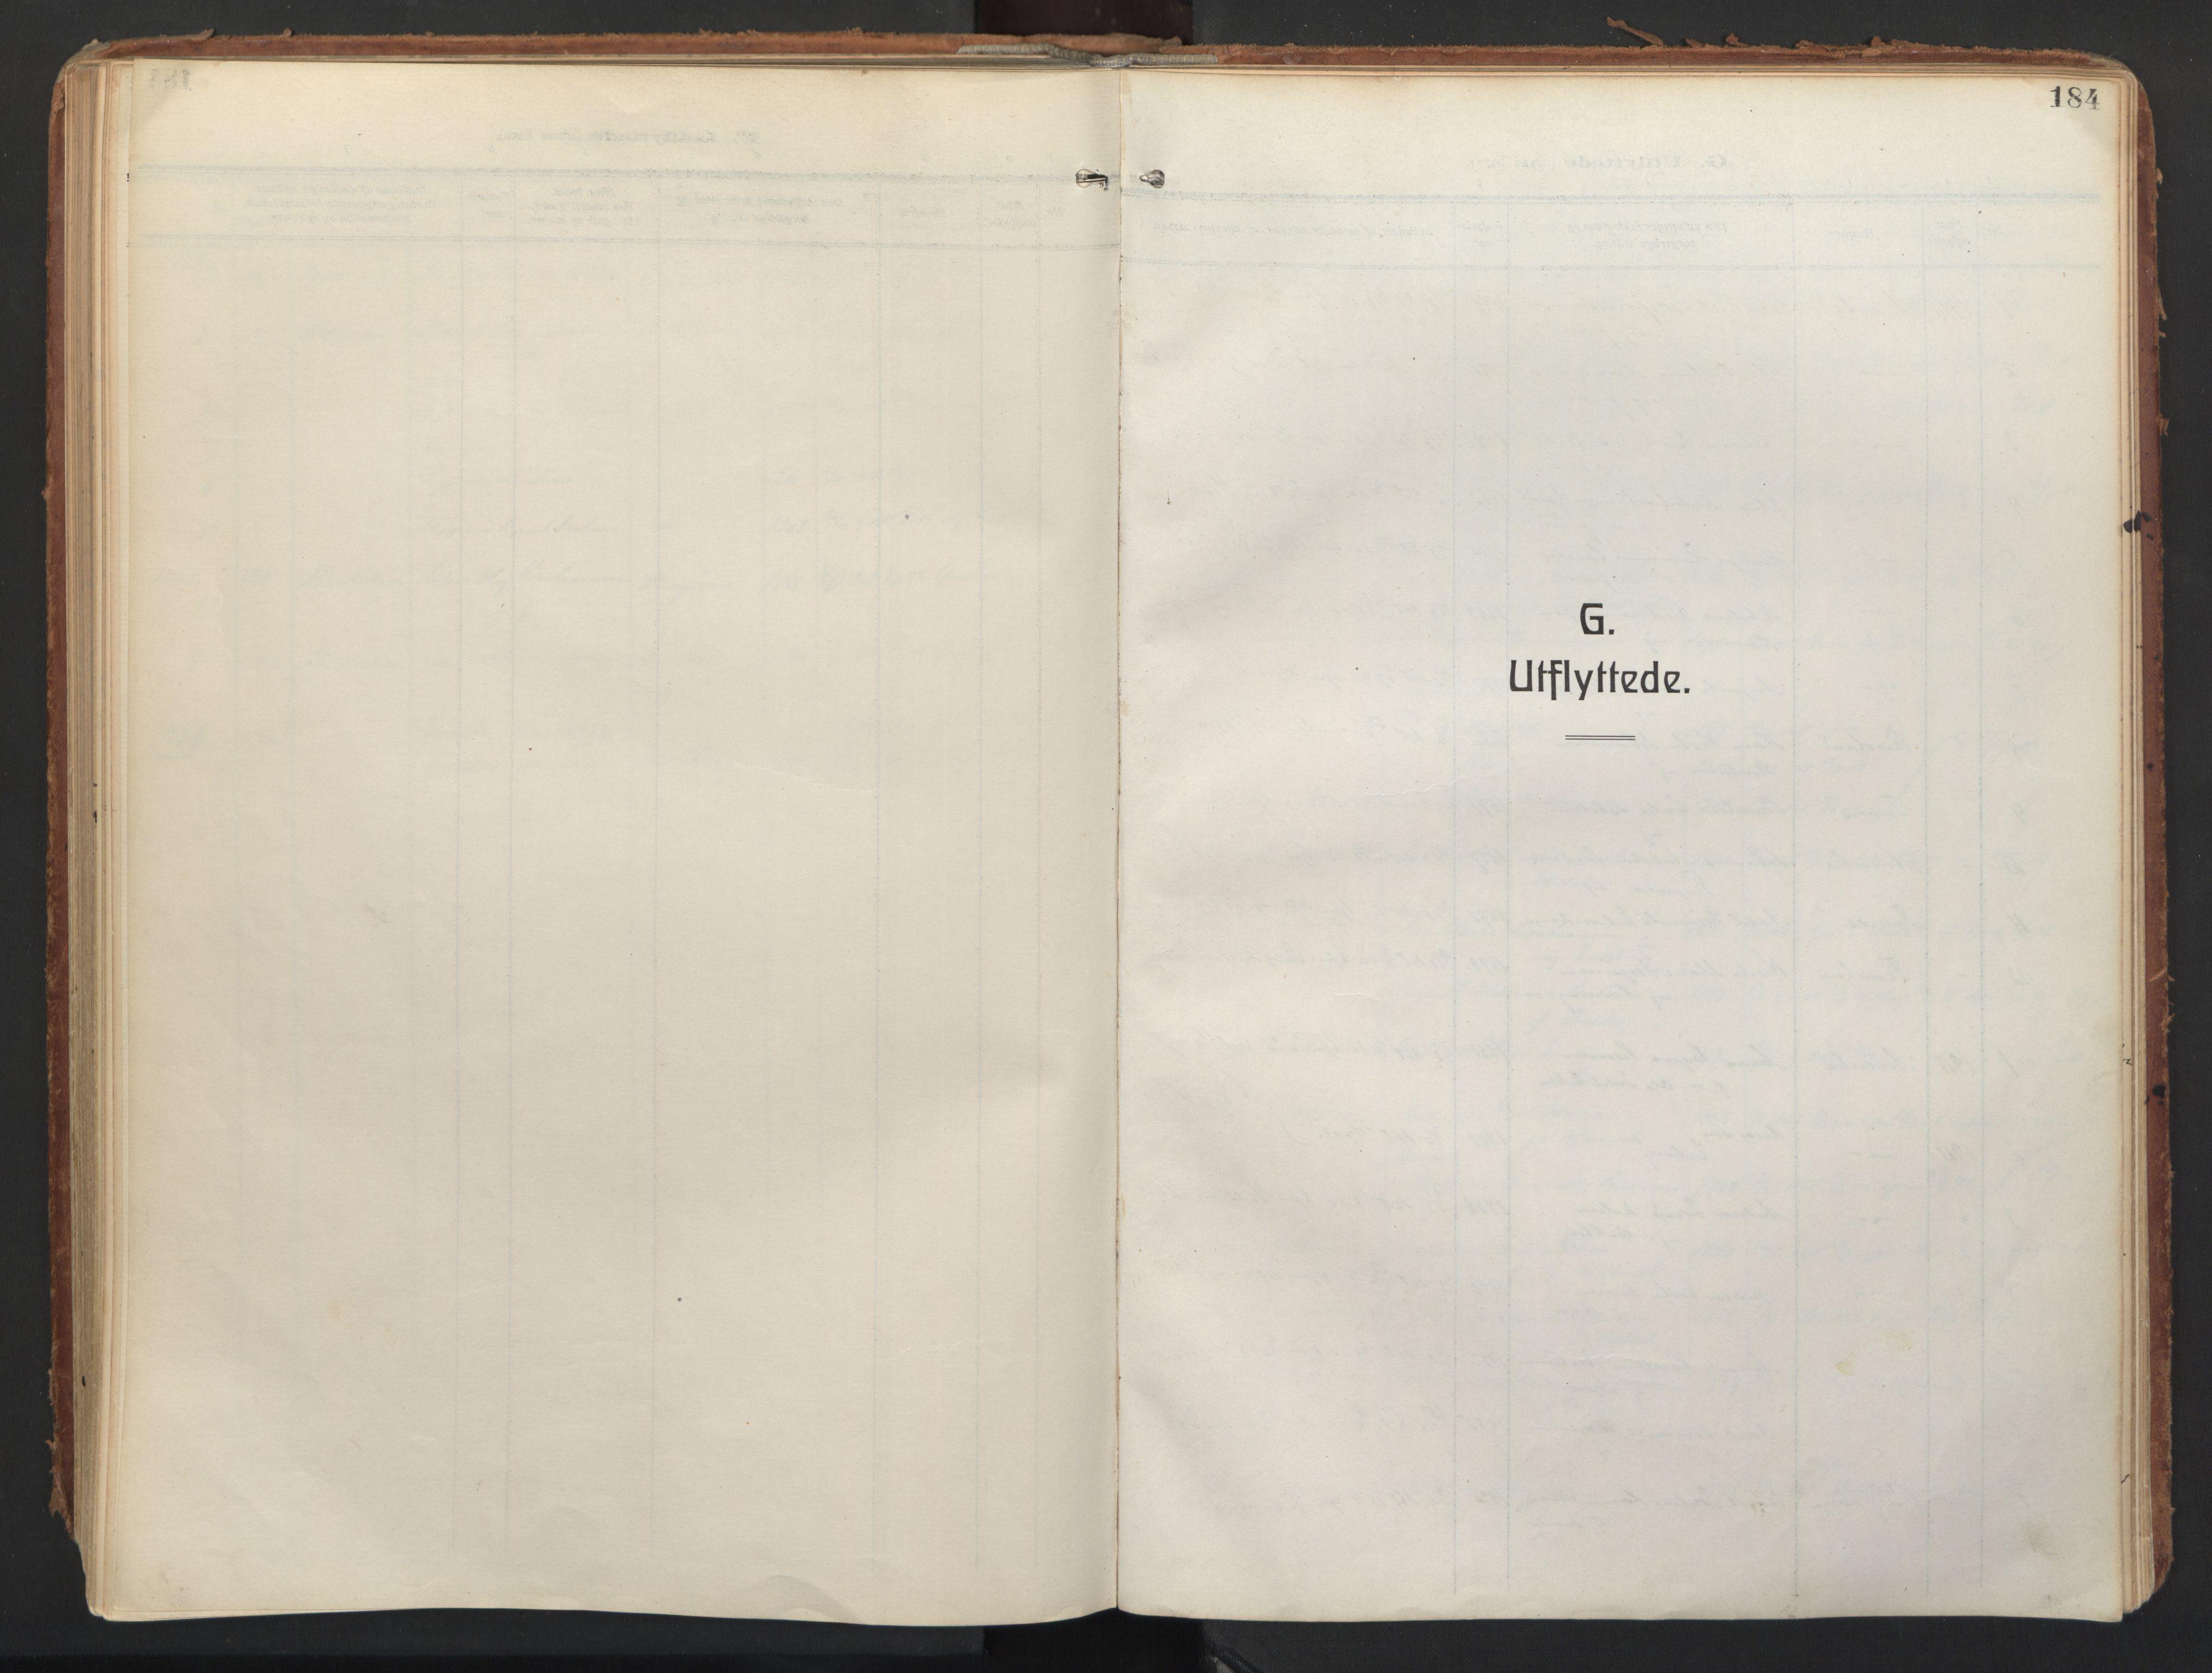 SATØ, Balsfjord sokneprestembete, Ministerialbok nr. 8, 1910-1927, s. 184